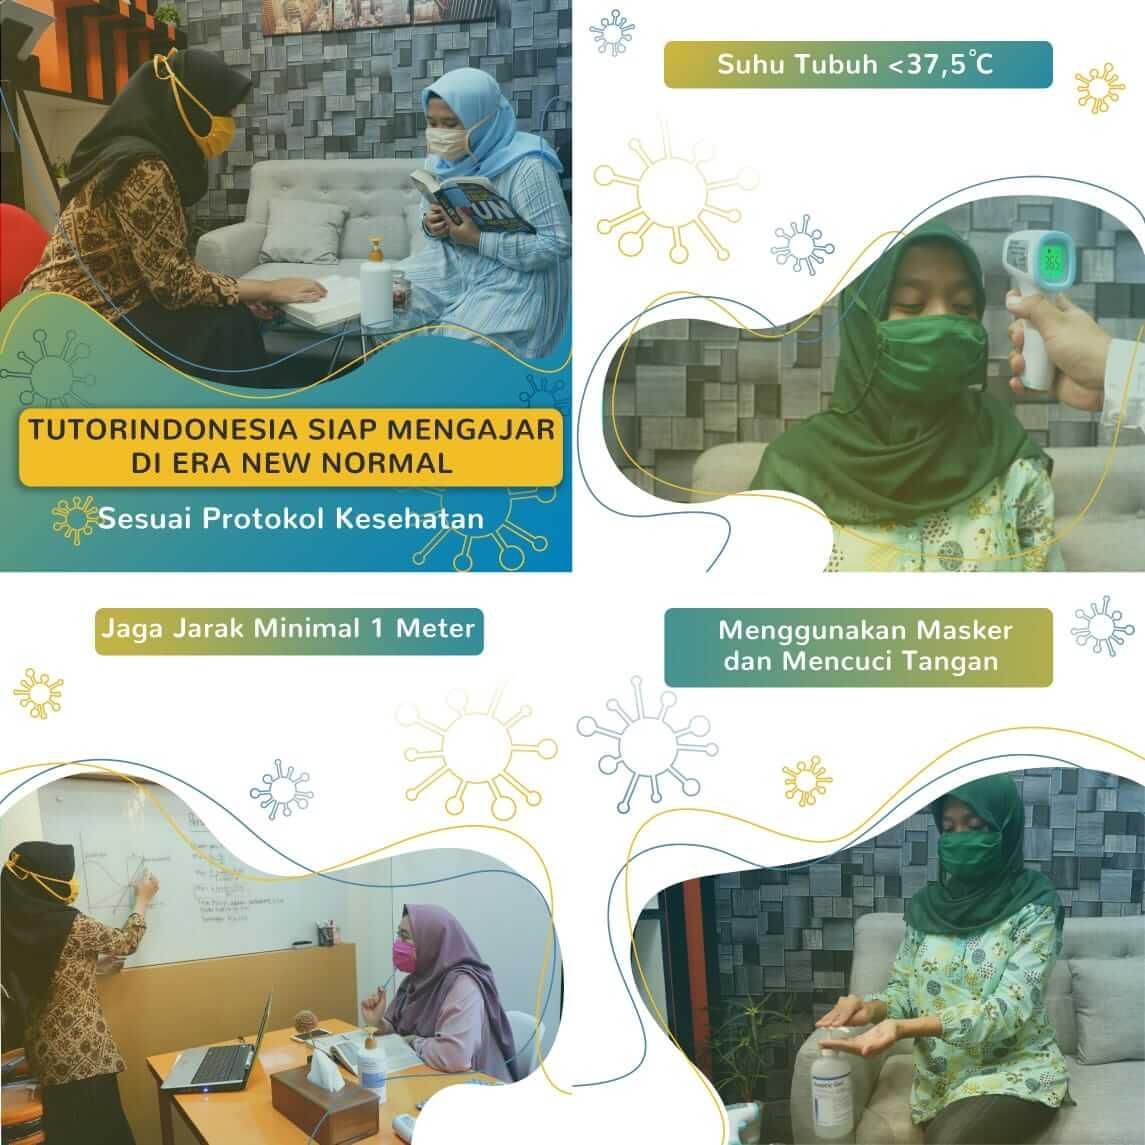 les privat jakarta dengan protokol kesehatan tutorindonesia